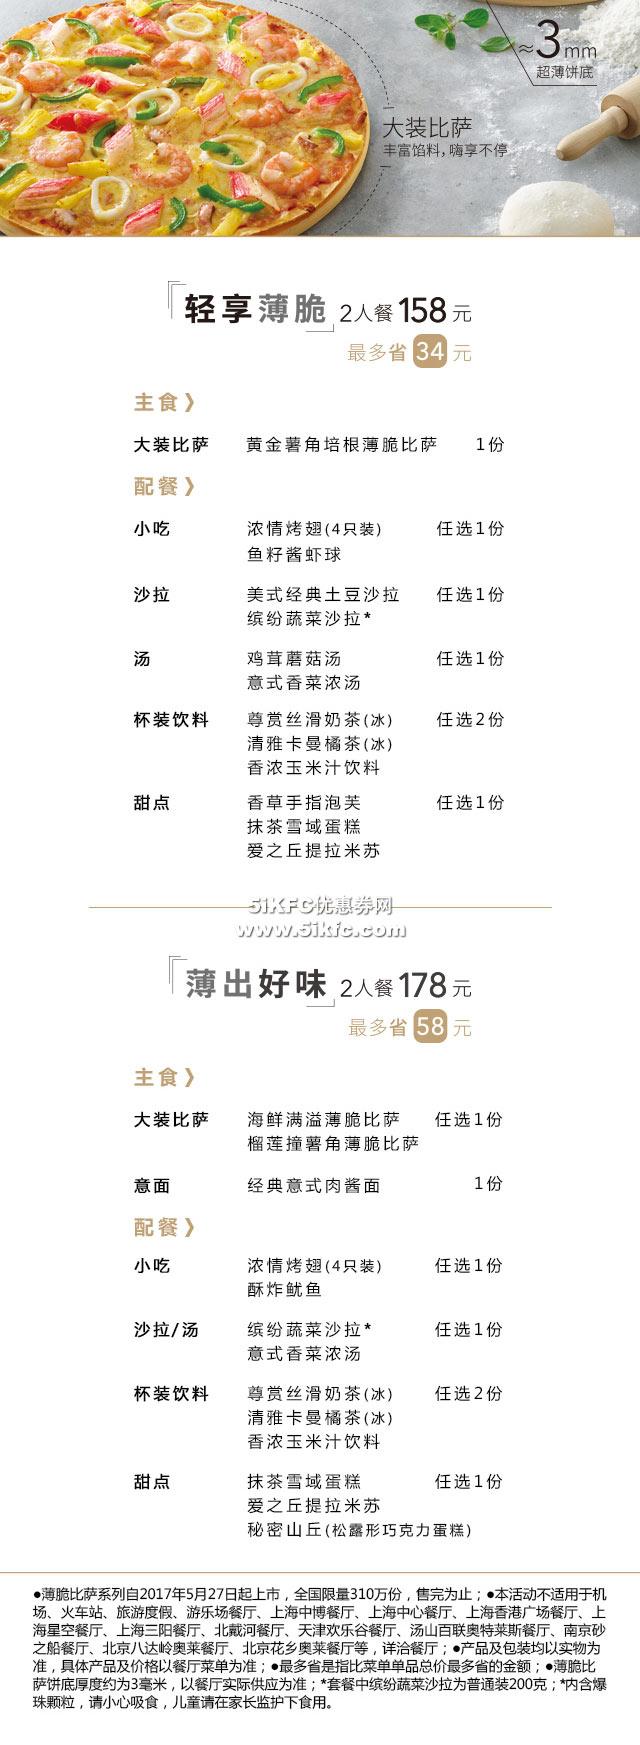 必胜客薄脆比萨双人套餐优惠价158元起,轻享薄脆、满出好味 有效期至:2017年6月30日 www.5ikfc.com